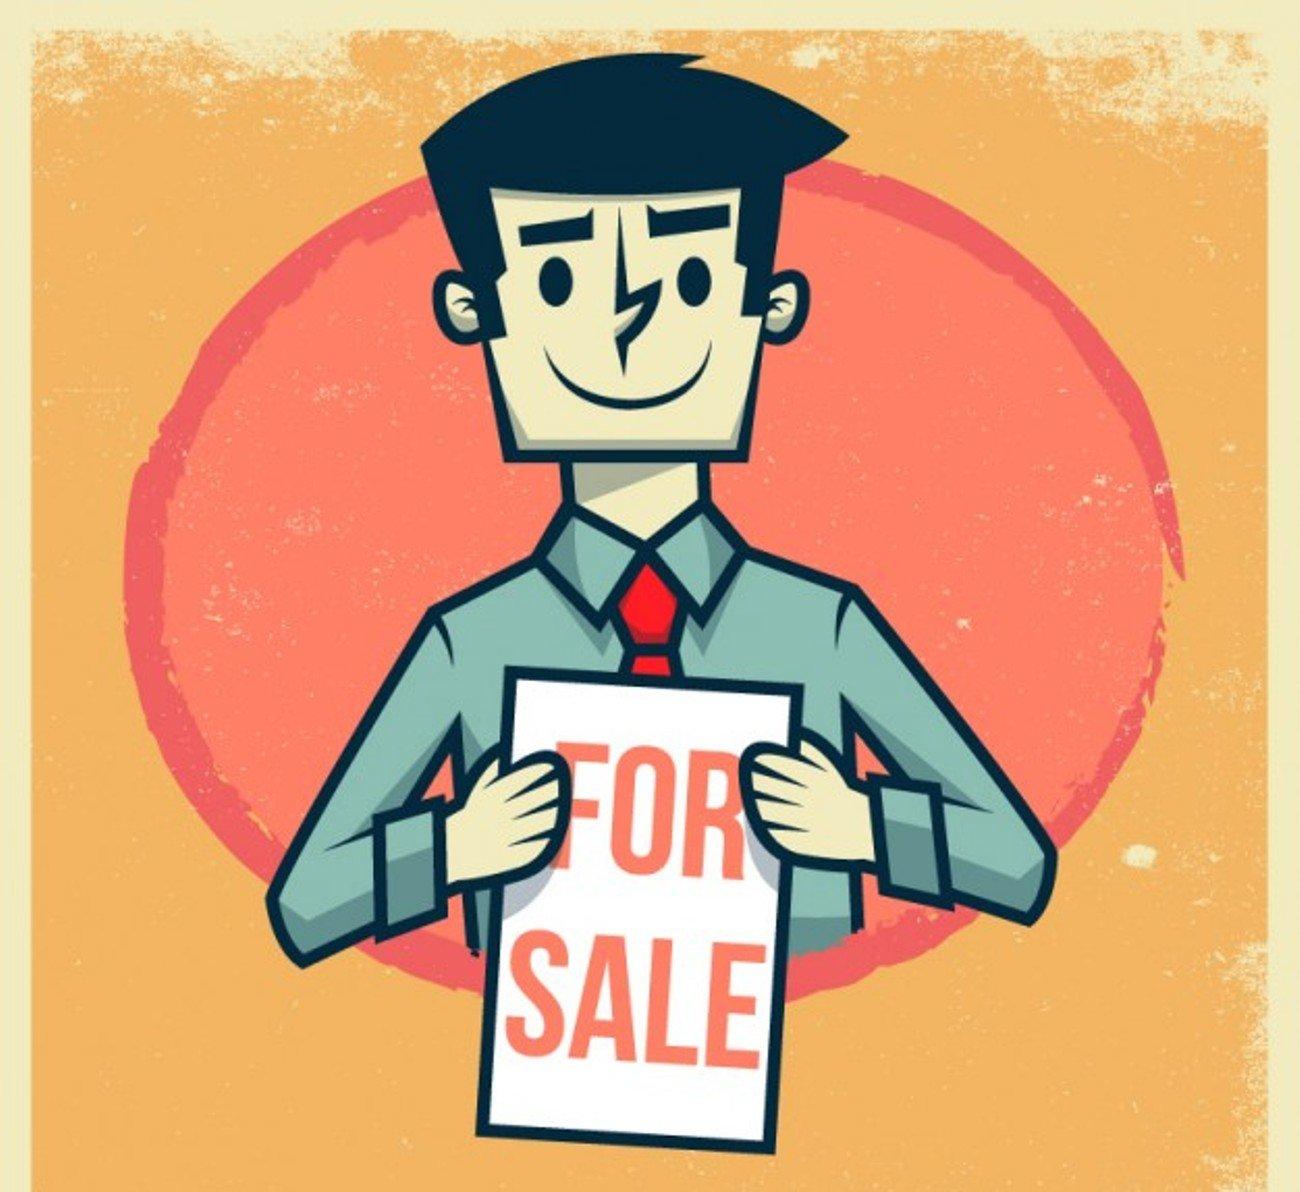 dicas de vendas